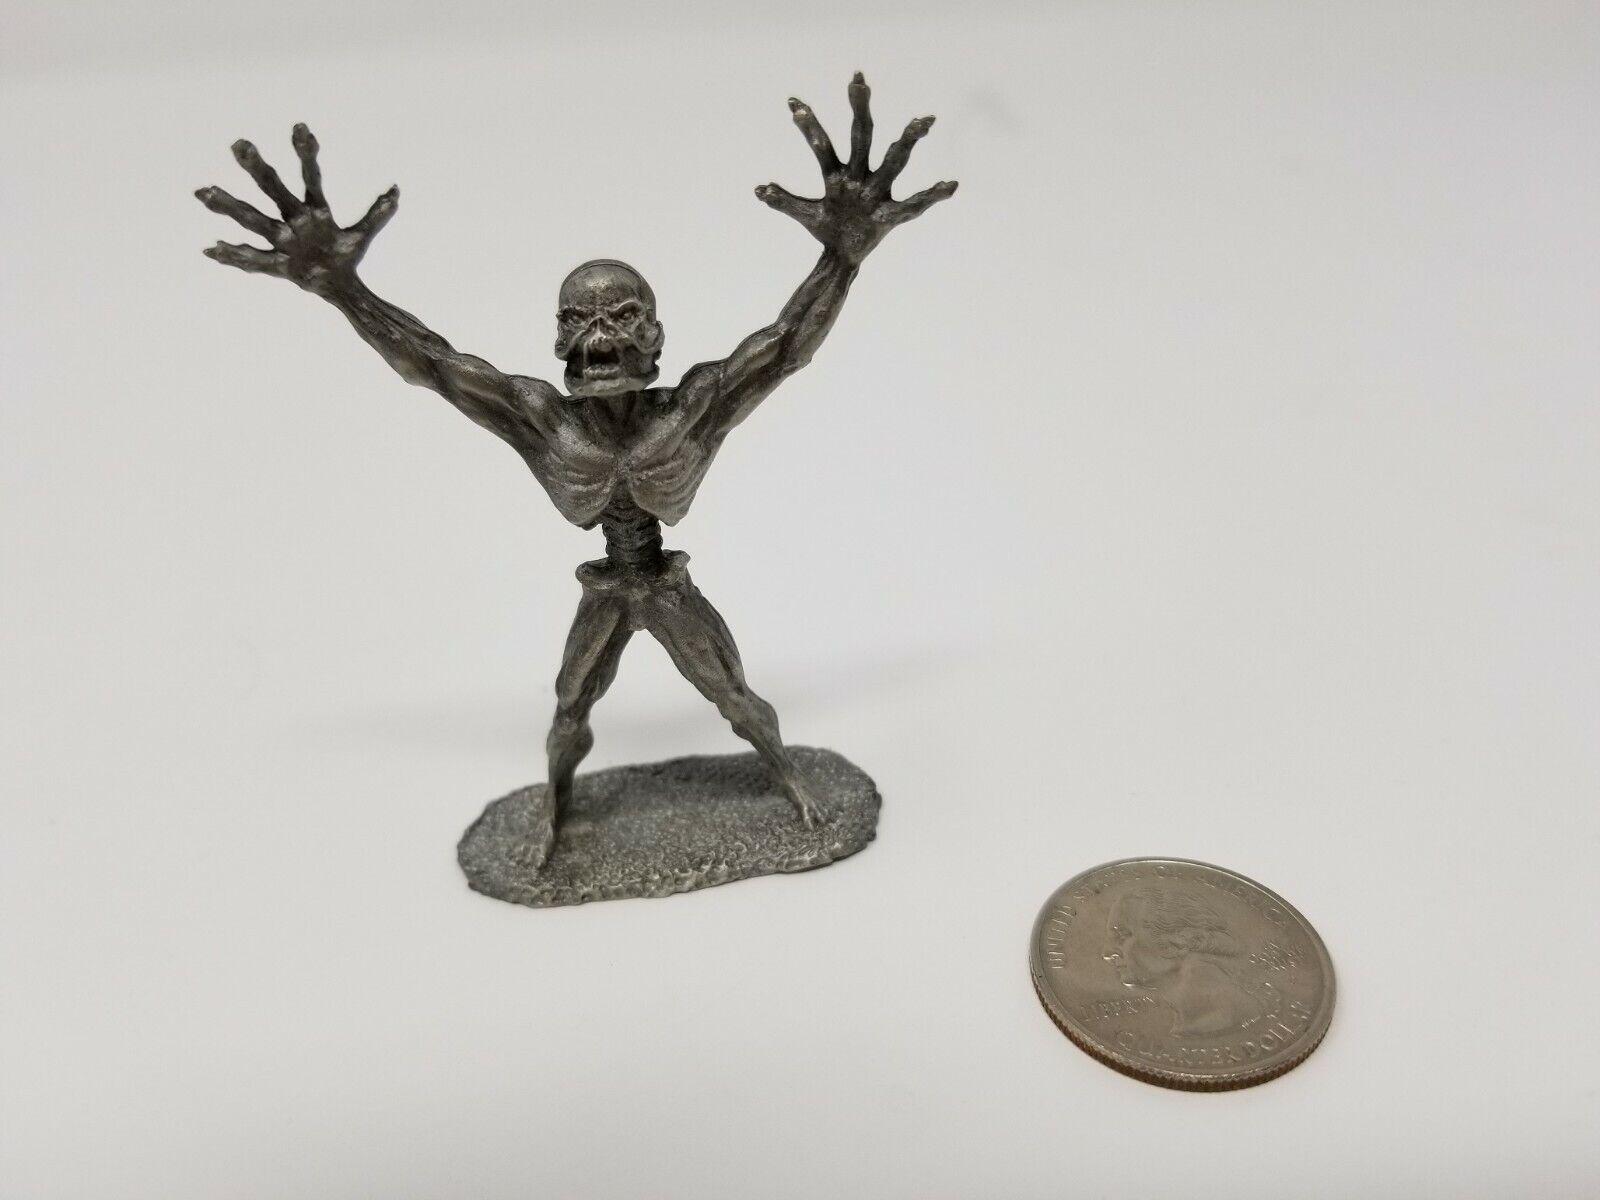 Doom Doom Doom Reaper Arch-Vile Miniature Pewter Figure Bethesda 2013 (Loose Figurine) b2c5ed